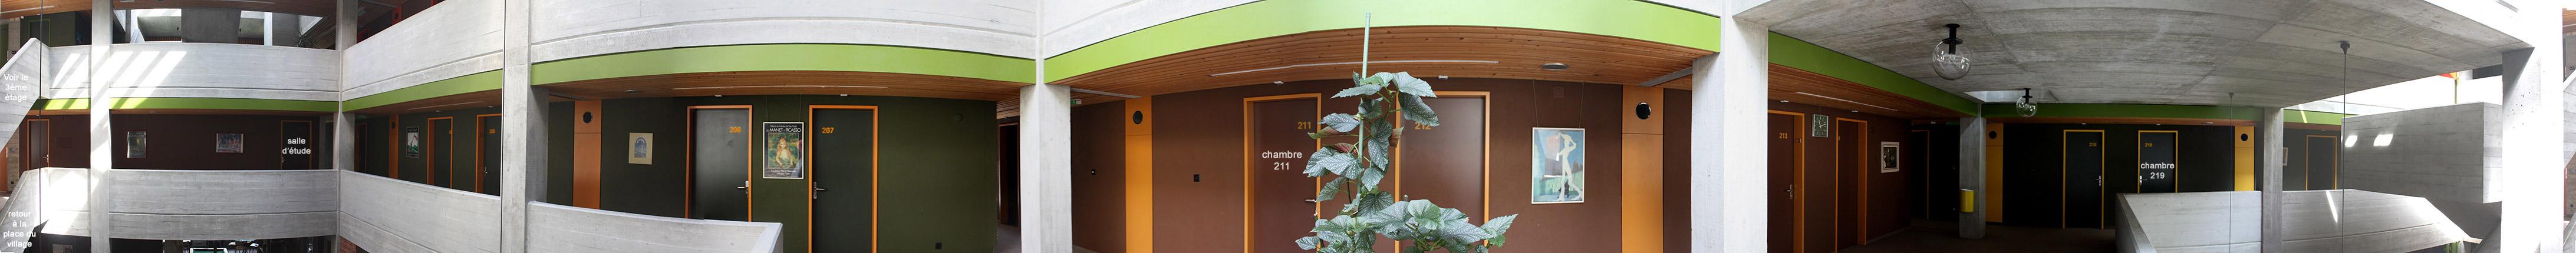 Foyer D Etudiant Architecture : Foyer d étudiants quot les creusets